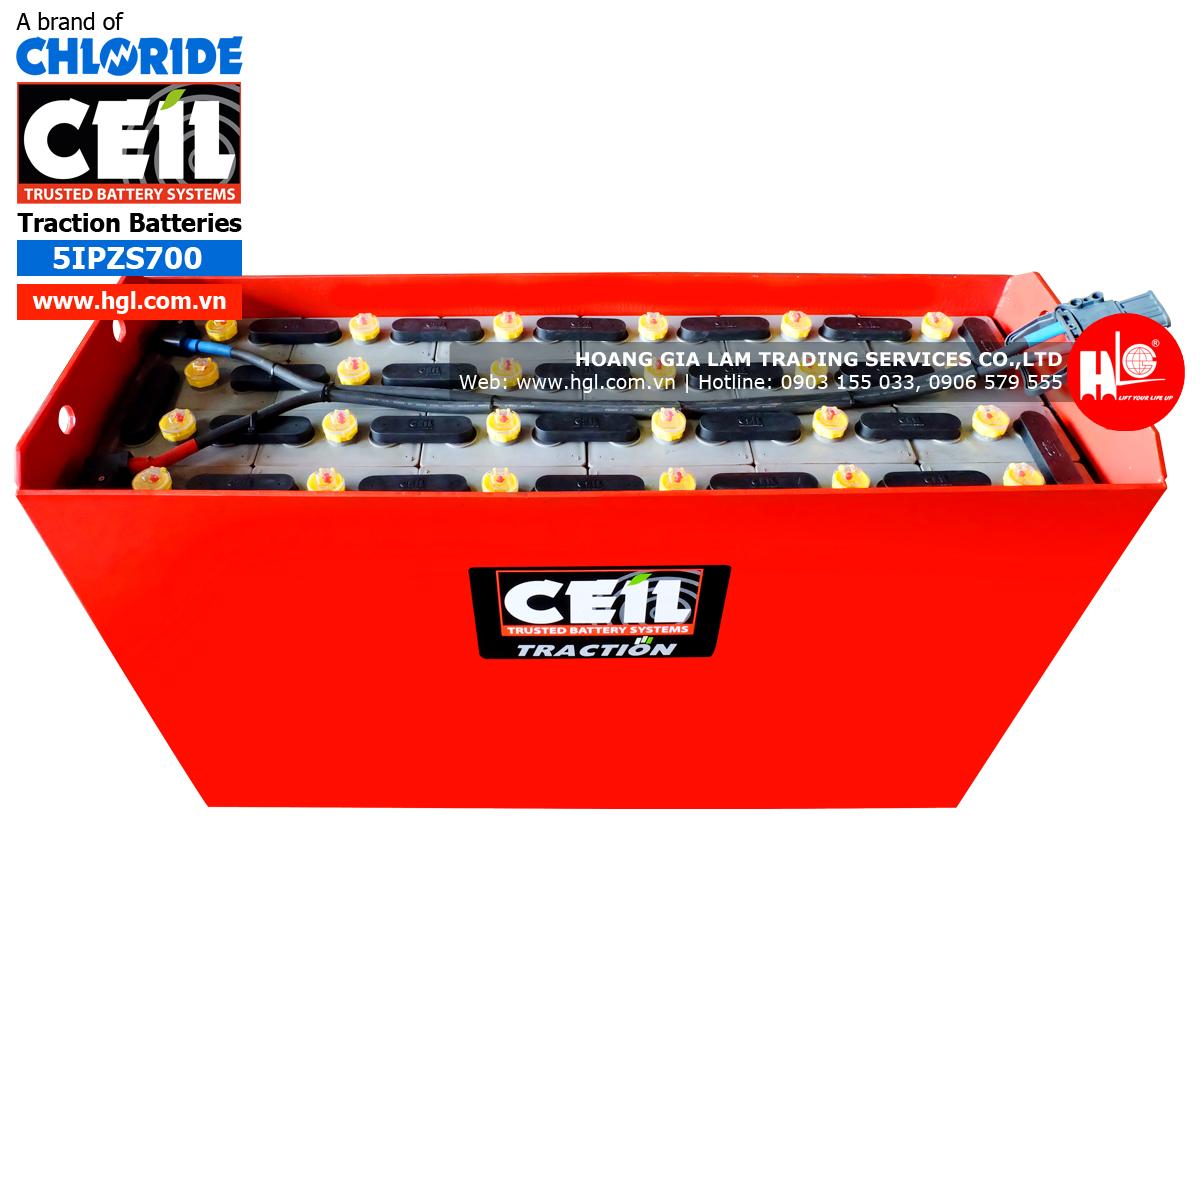 binh-dien-xe-nang-chloride-ceil-700ah-1